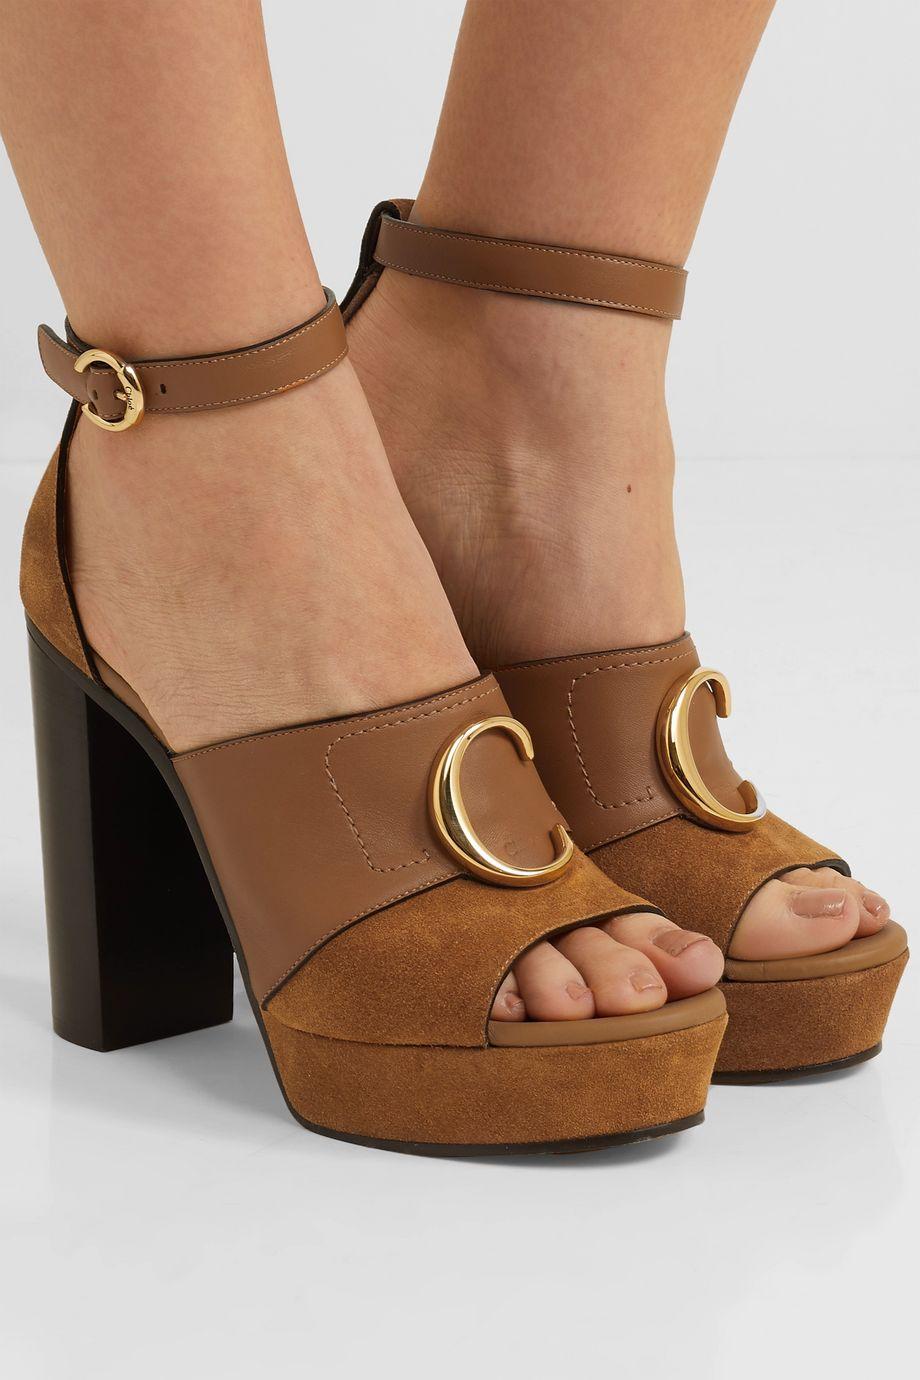 Chloé Chloé C logo-embellished leather and suede platform sandals